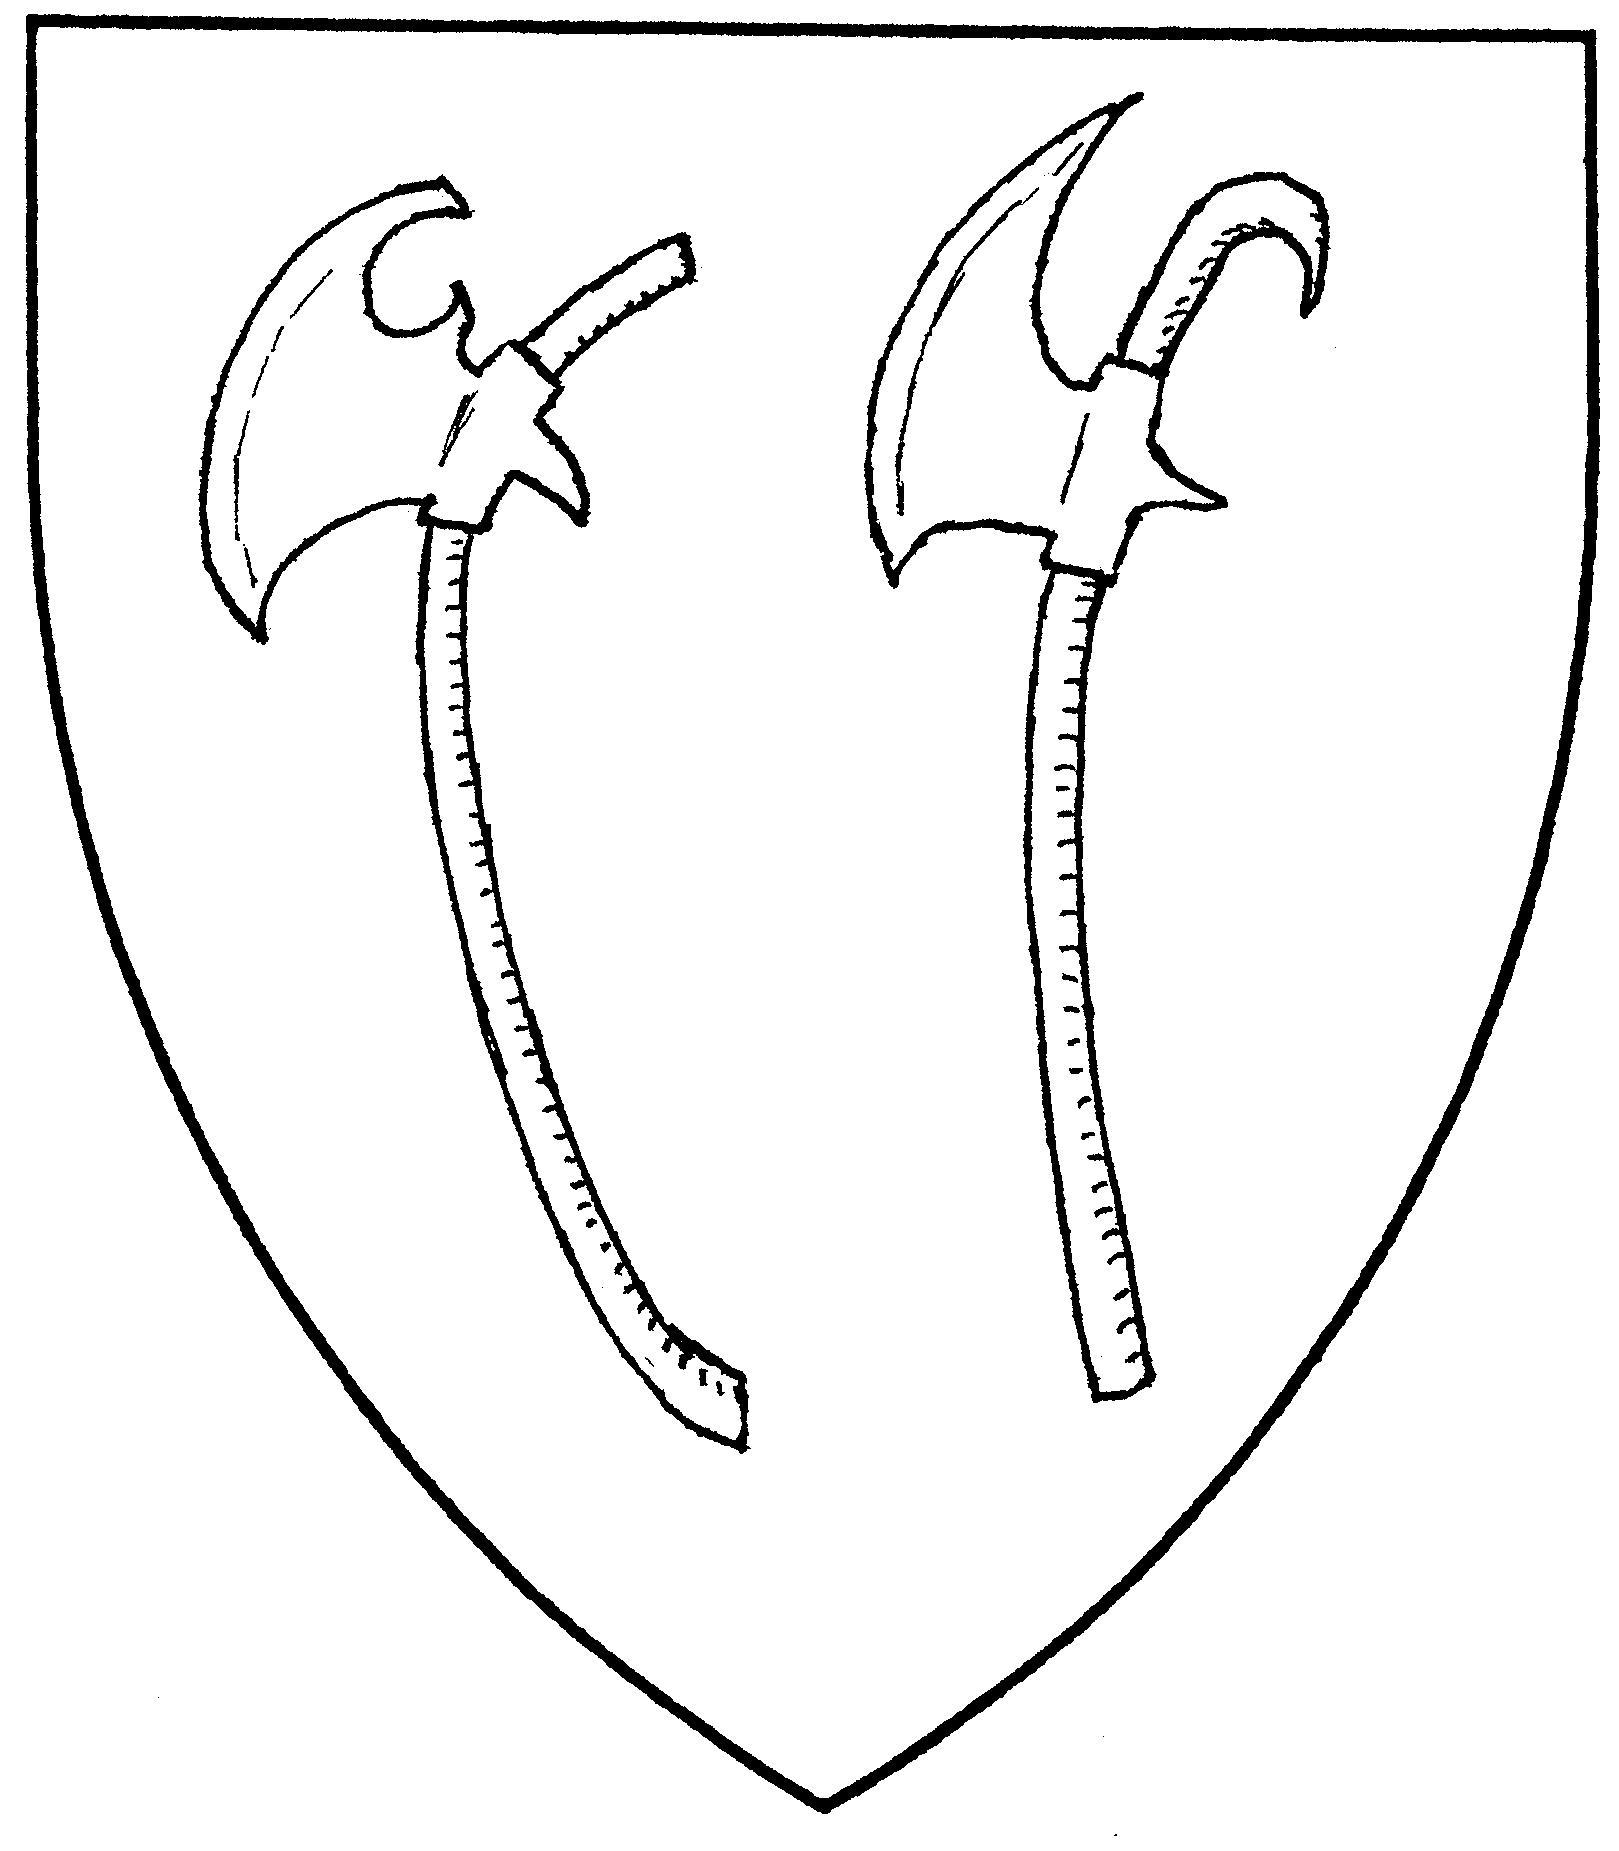 Drawn axe heraldic Axe Mistholme Axe axe (Period);